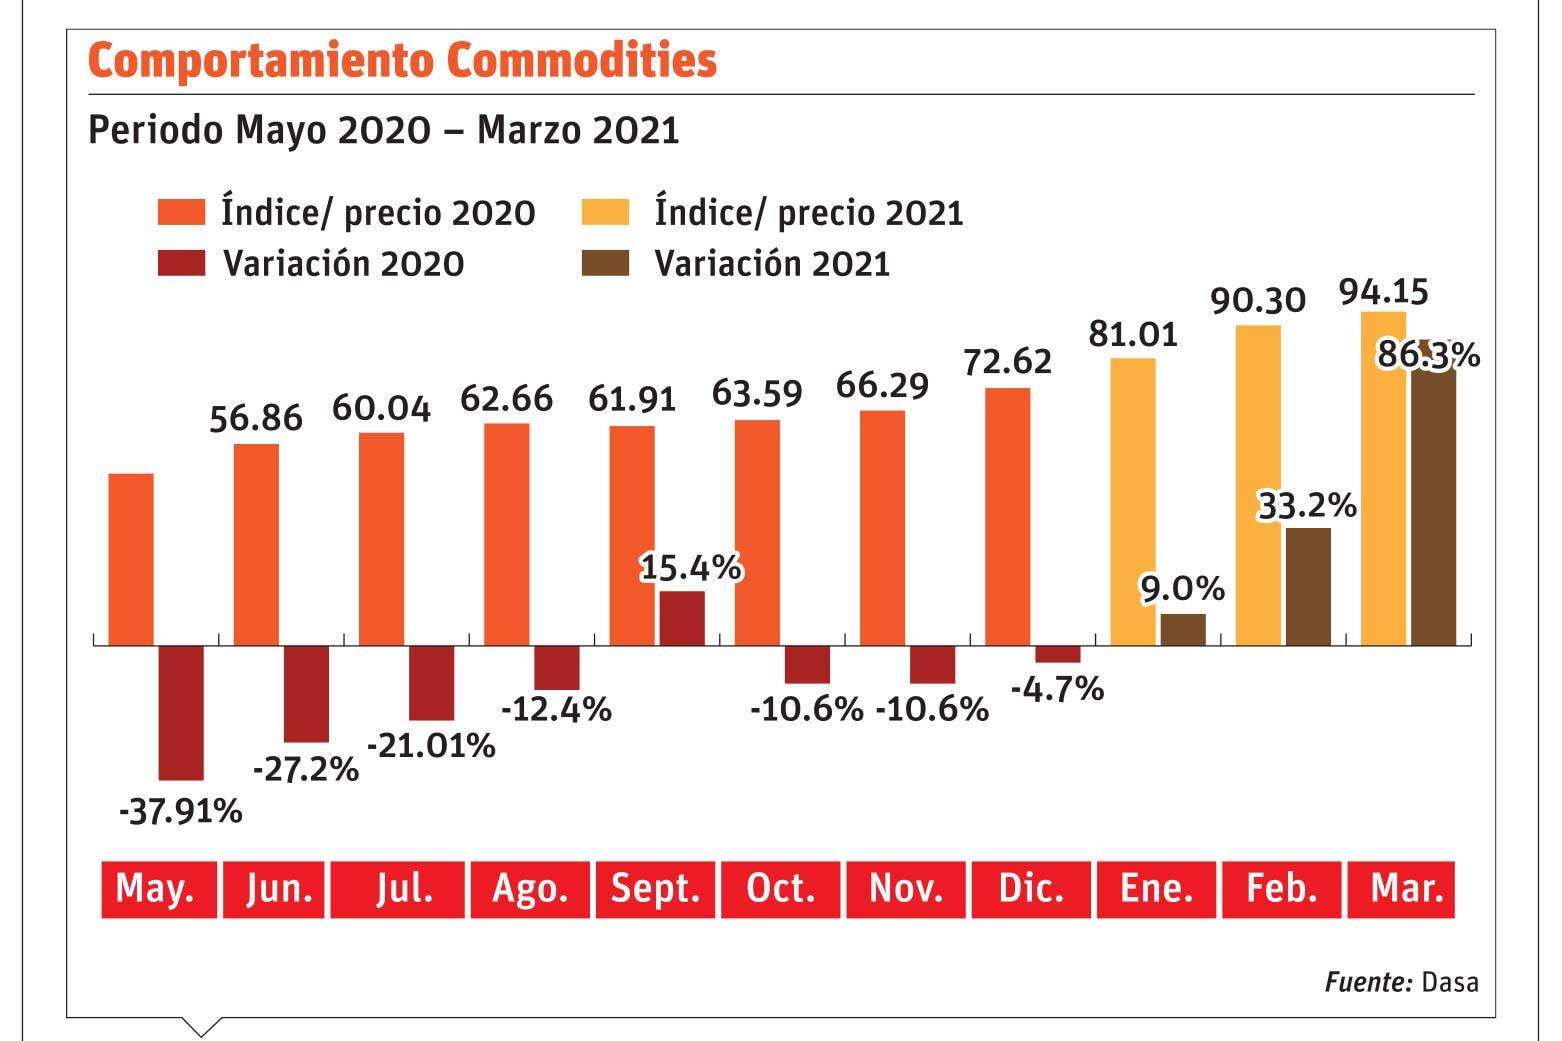 El incremento en commodities incide en mercado local